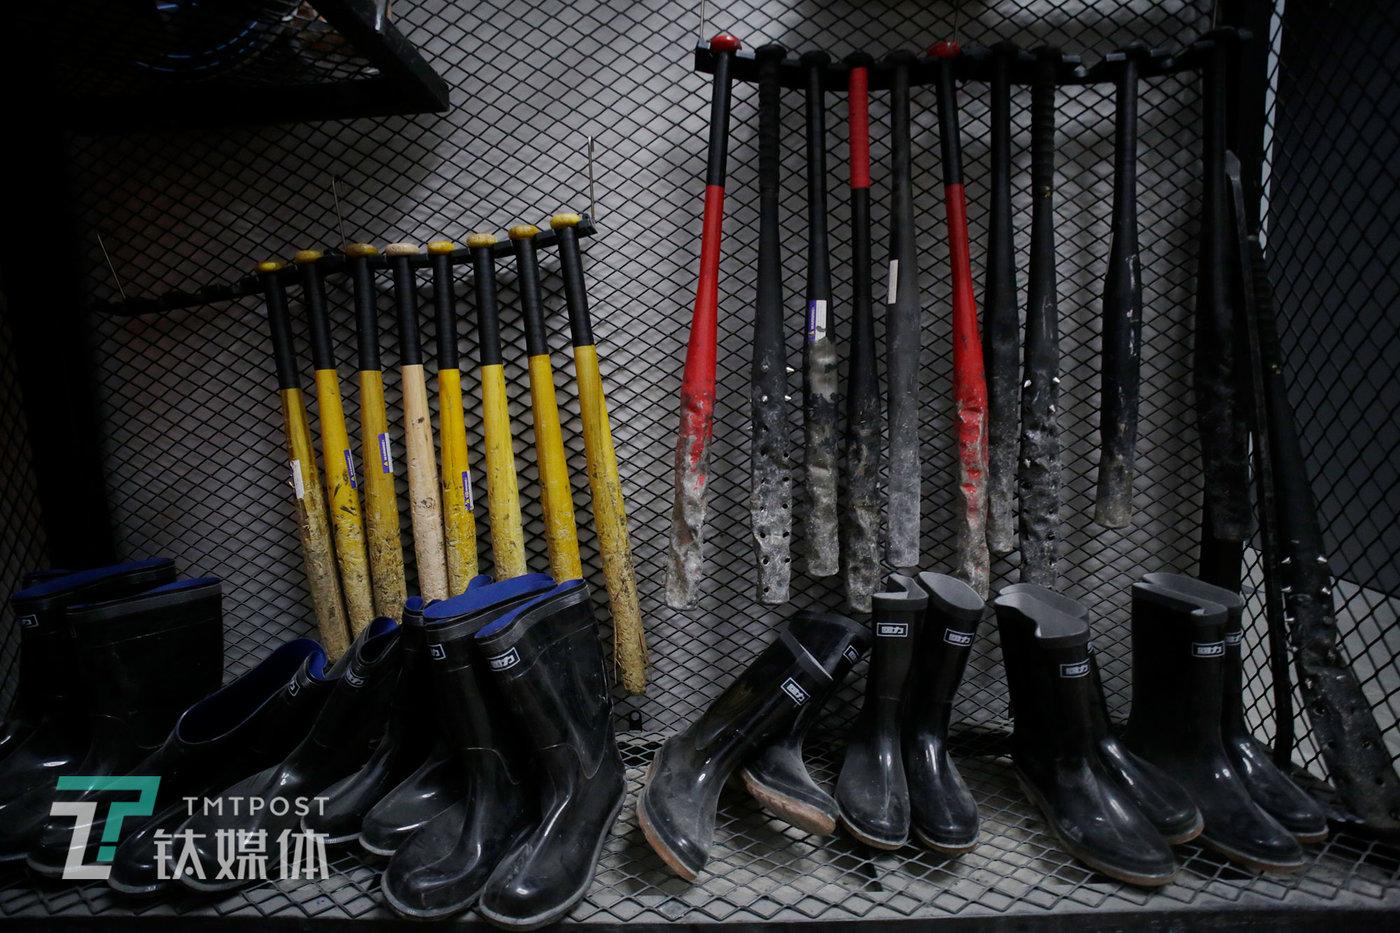 """供顾客挑选的""""武器""""。开业3个月,这些木棒和铁棍都已经被砸得伤痕累累了。"""